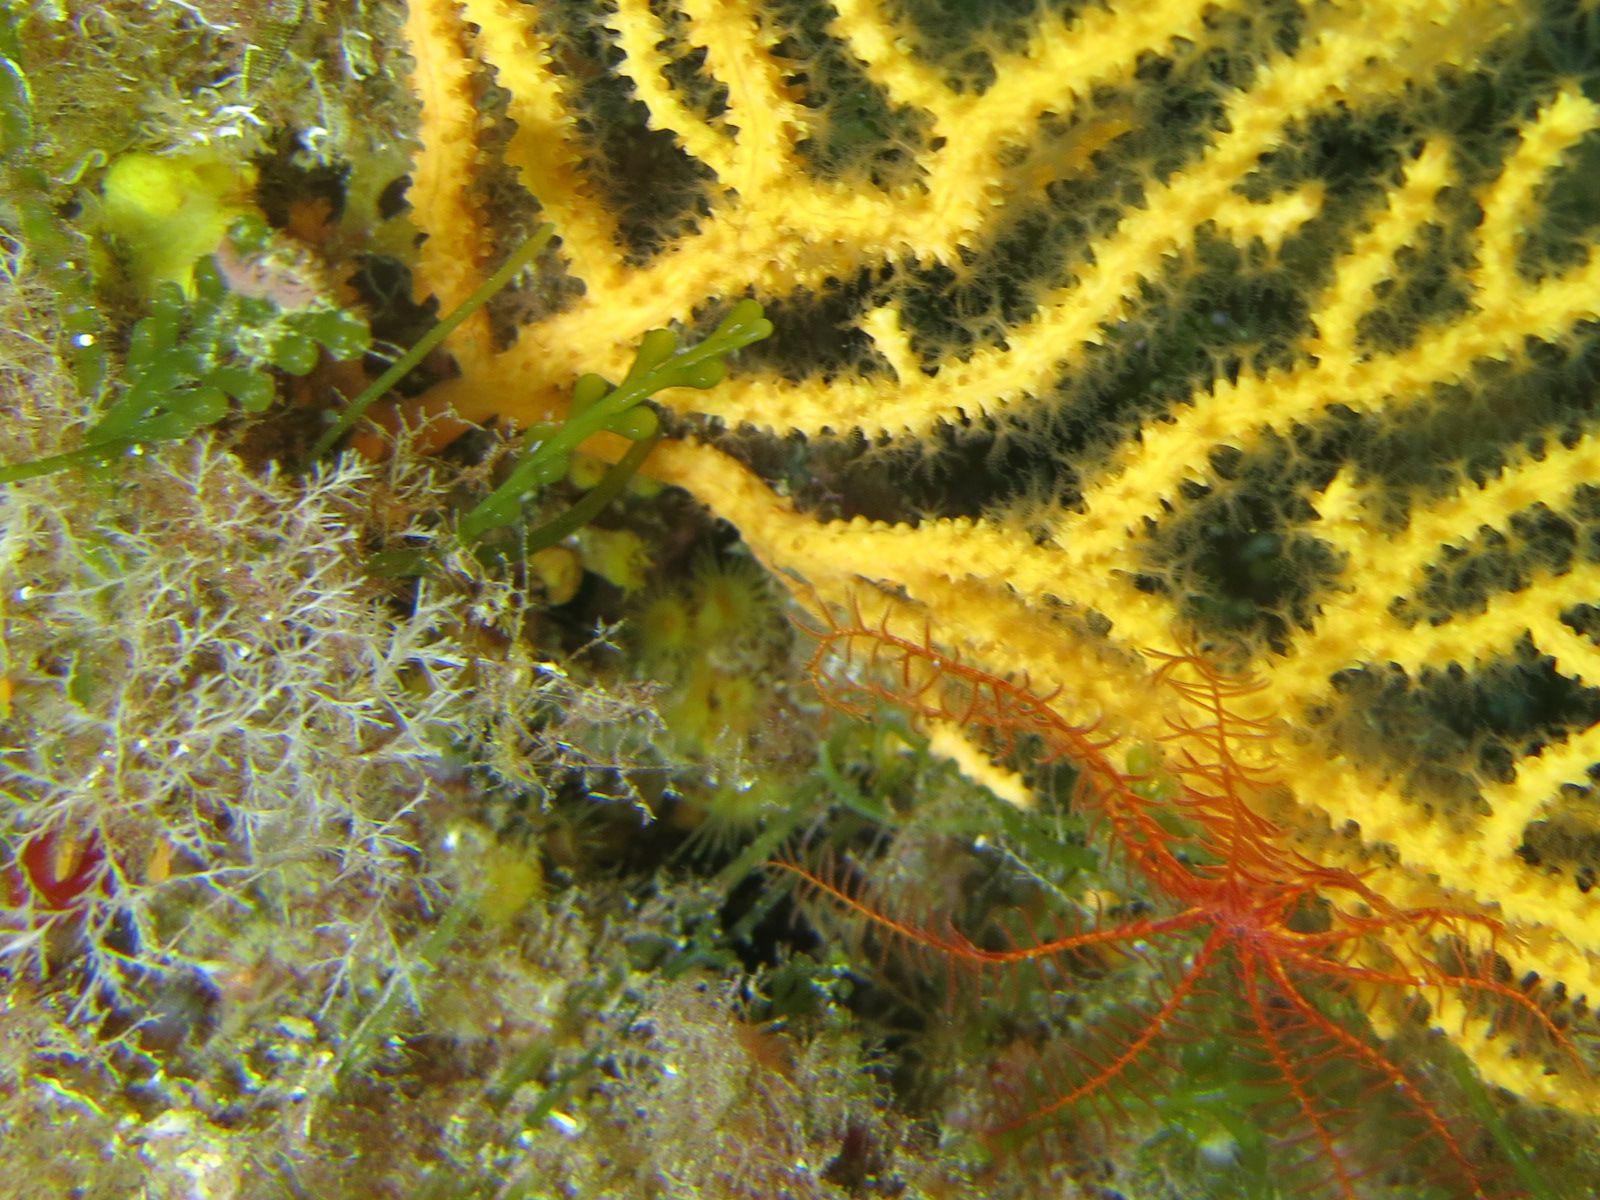 sur cette gorgone jaune Eunicella cavolini se trouve une comatule Antedon mediterranea, plutôt rare en Méditerranée. Seuls représentants visibles (par les plongeurs) de la classe des crinoïdes sur nos côtes européennes, les comatules font partie des rares représentants du très ancien et primitif groupe qui peuplait les fonds des mers depuis l'ère primaire jusqu'à la fin de l'époque secondaire (nombreux groupes fossiles) pour la majorité d'entre eux.  GF